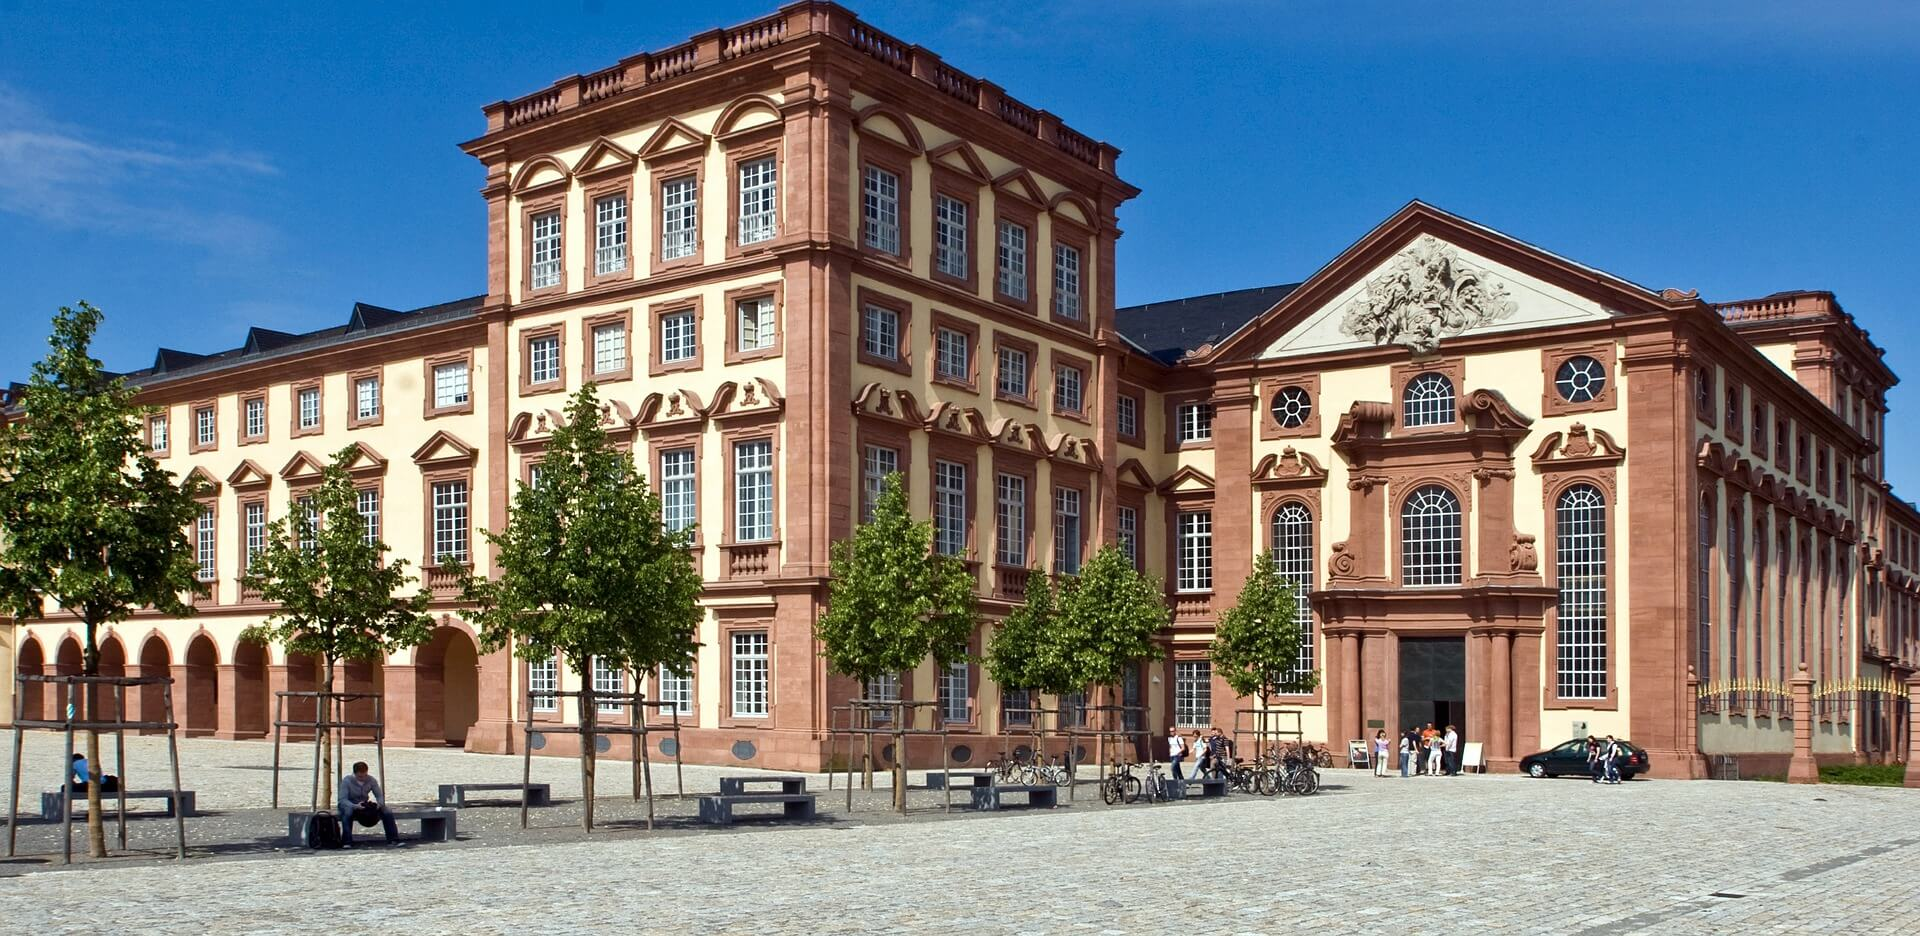 Direktflüge und Billigflüge ab Westerland/Sylt nach Mannheim